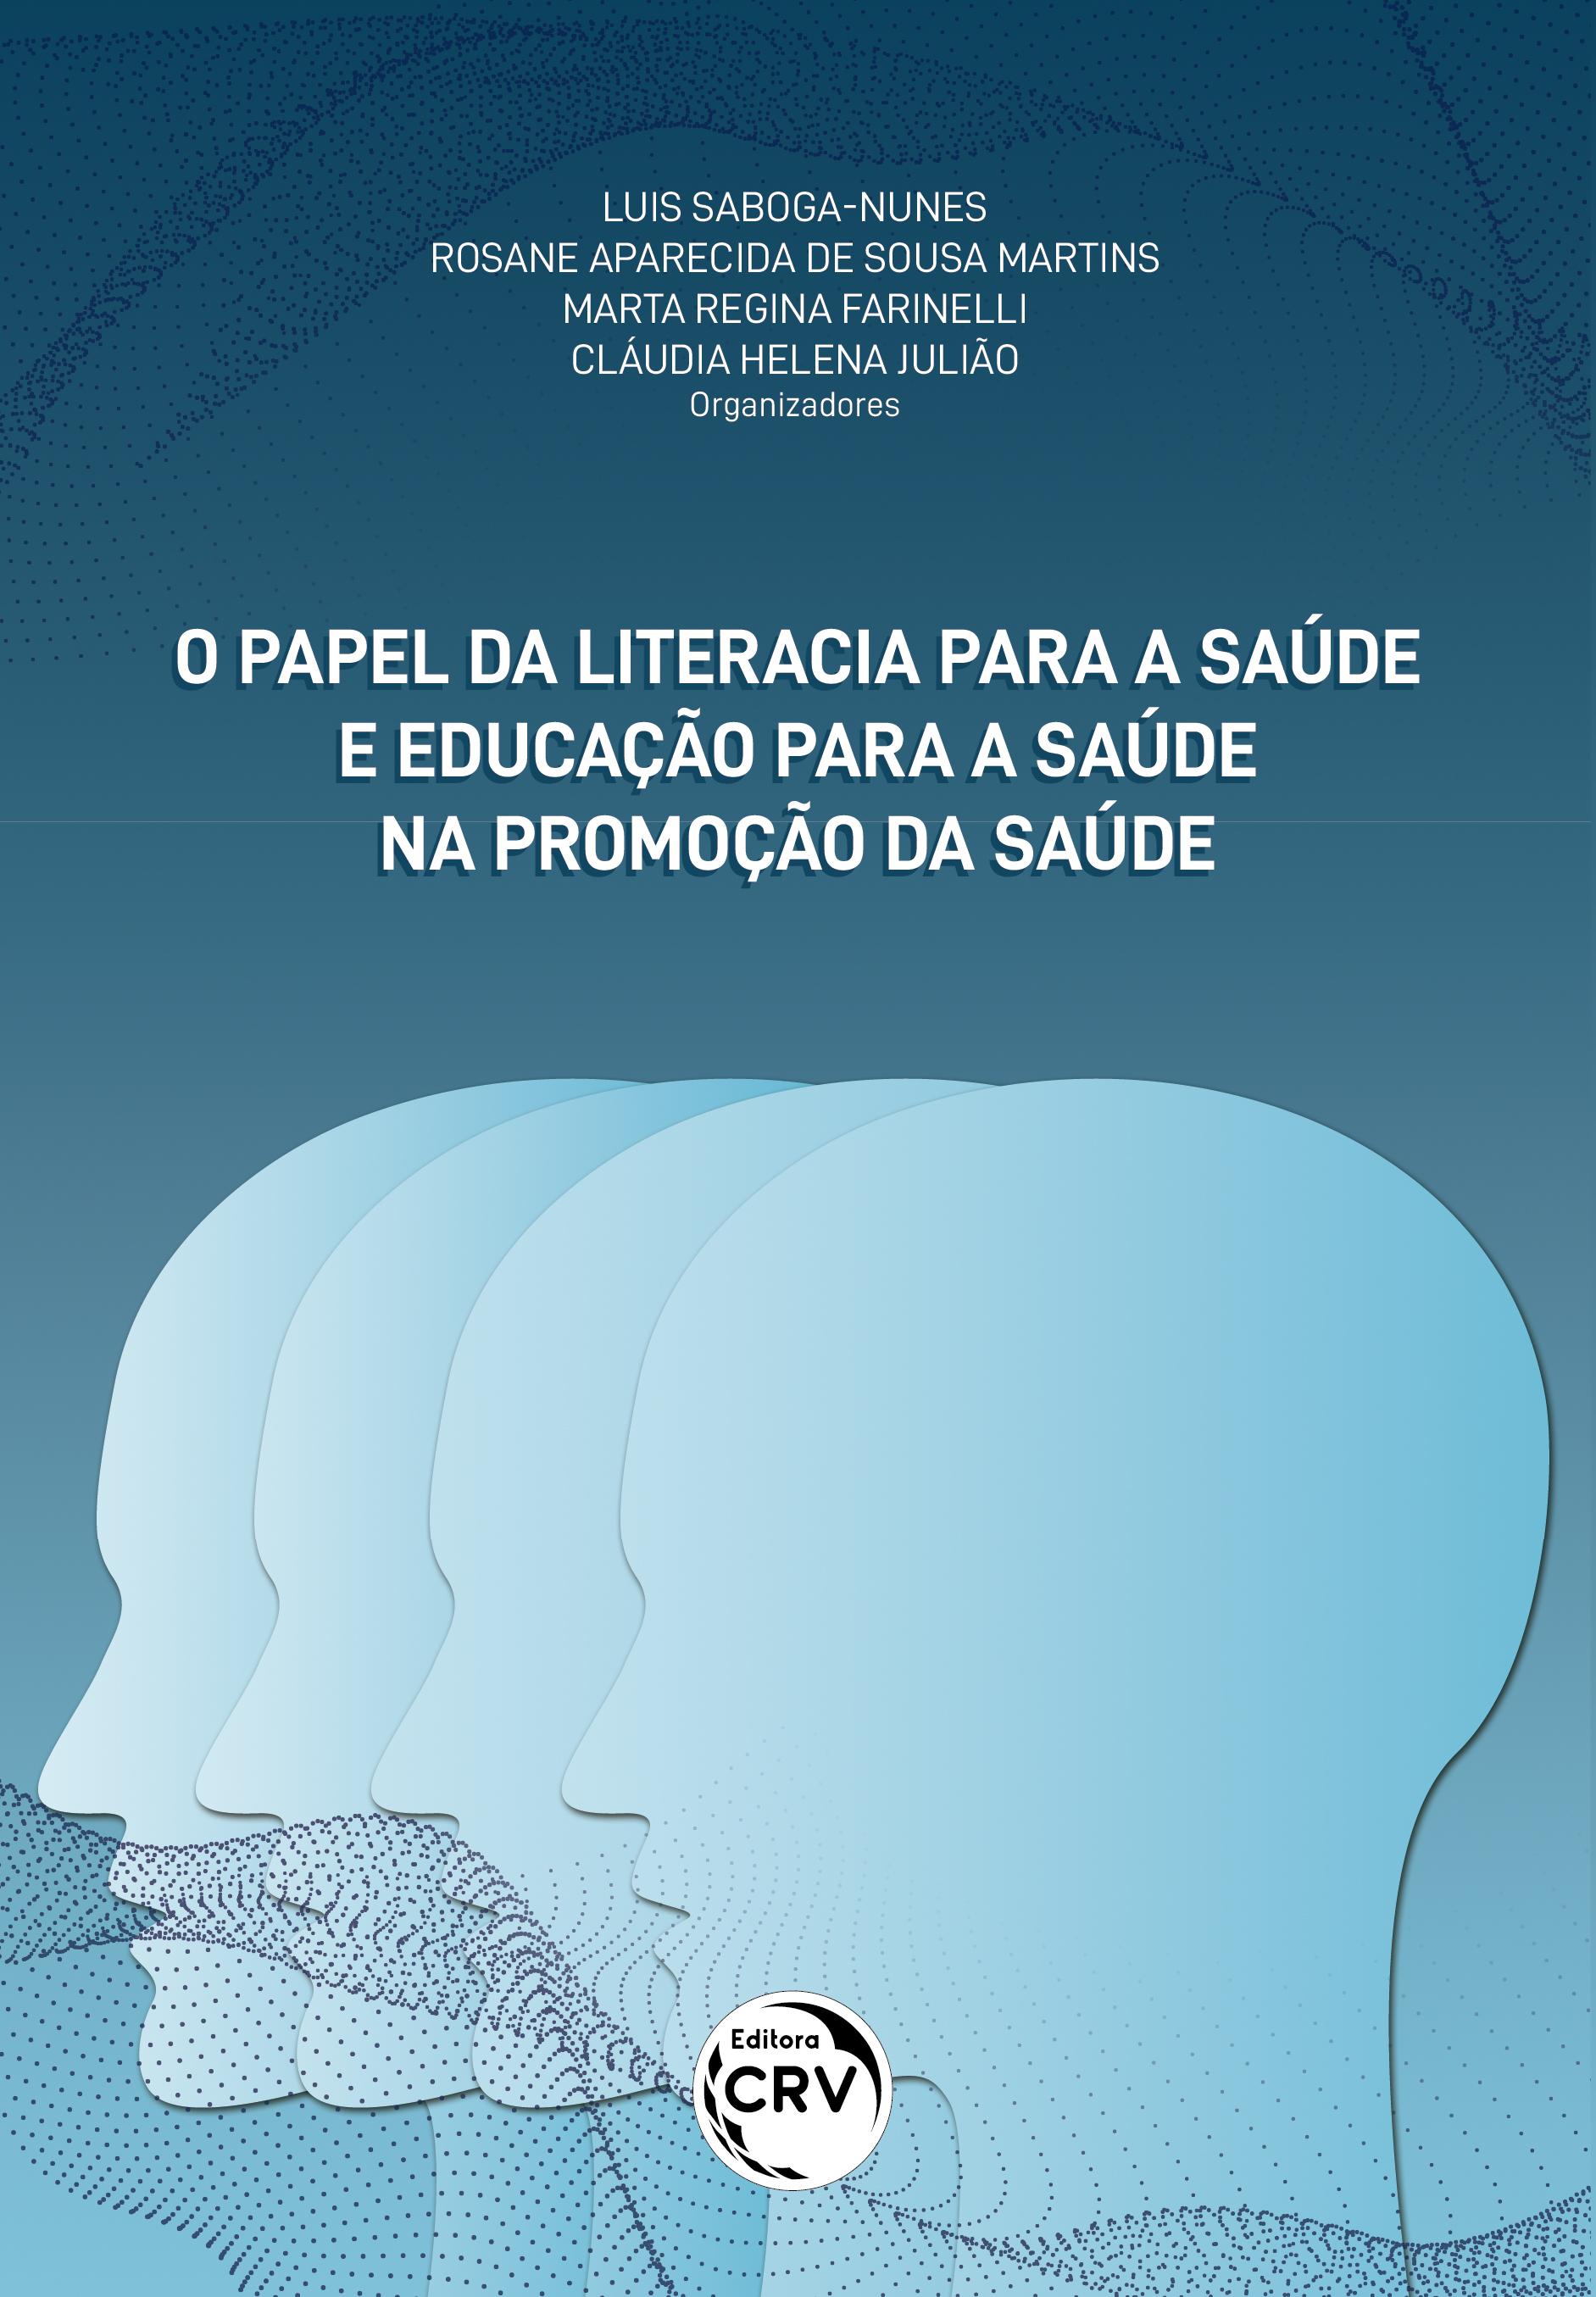 Capa do livro: O PAPEL DA LITERACIA PARA A SAÚDE E EDUCAÇÃO PARA A SAÚDE NA PROMOÇÃO DA SAÚDE